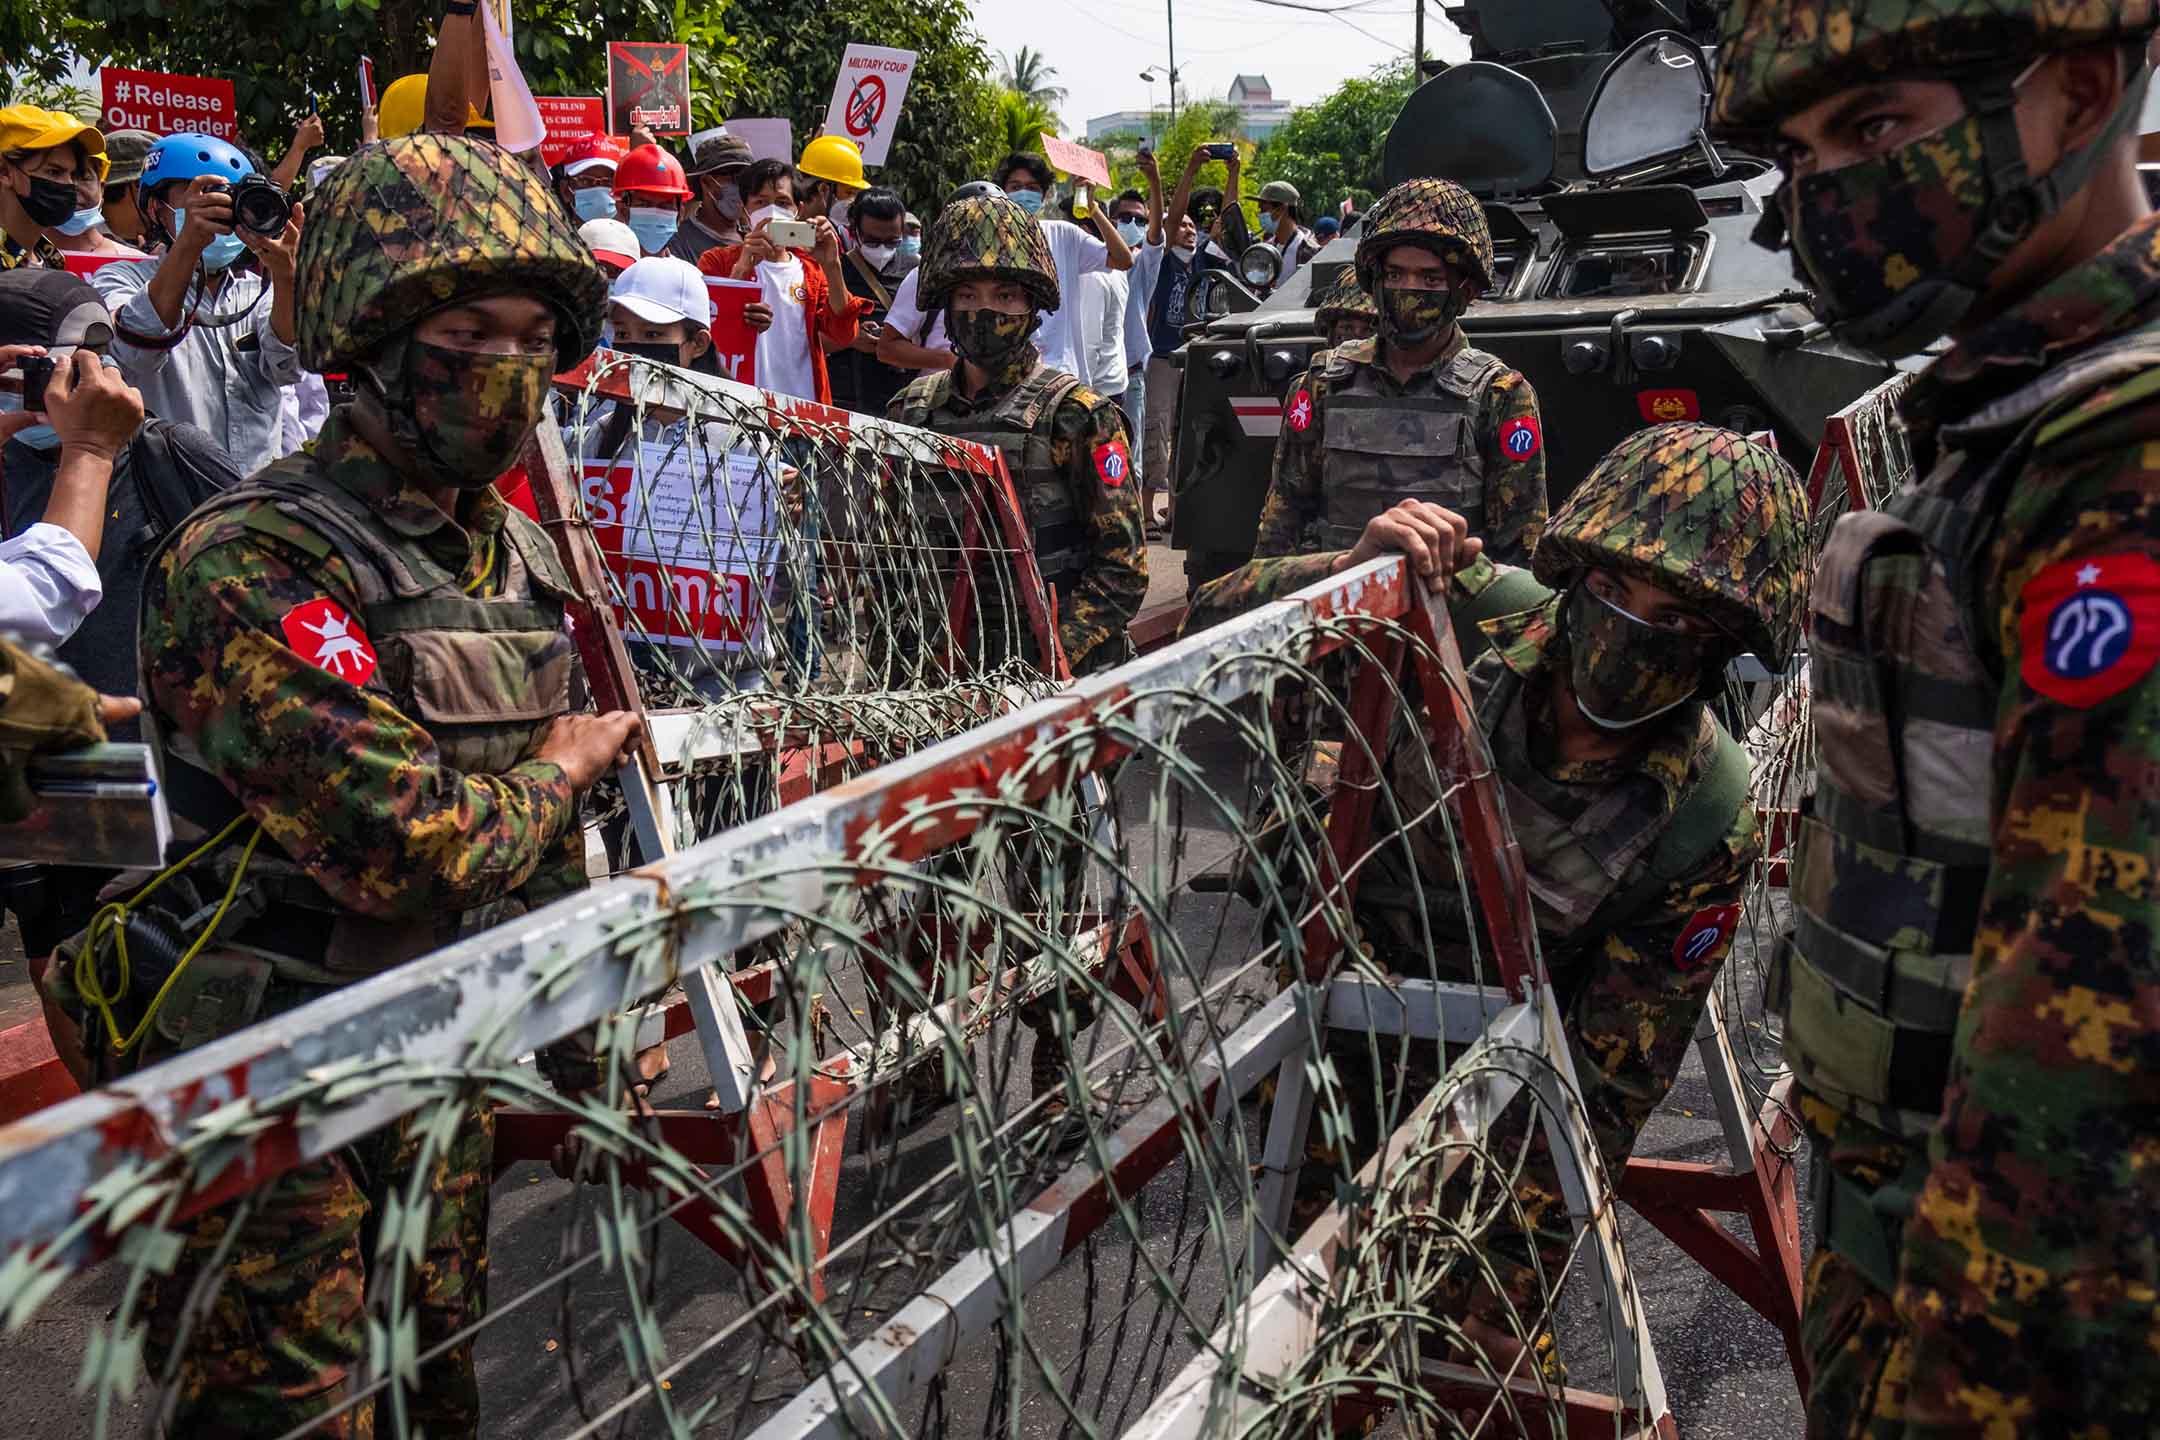 2021年2月15日緬甸仰光,示威者舉著橫幅並高喊口號,守衛中央銀行的緬甸軍人設置鐵絲網路障。